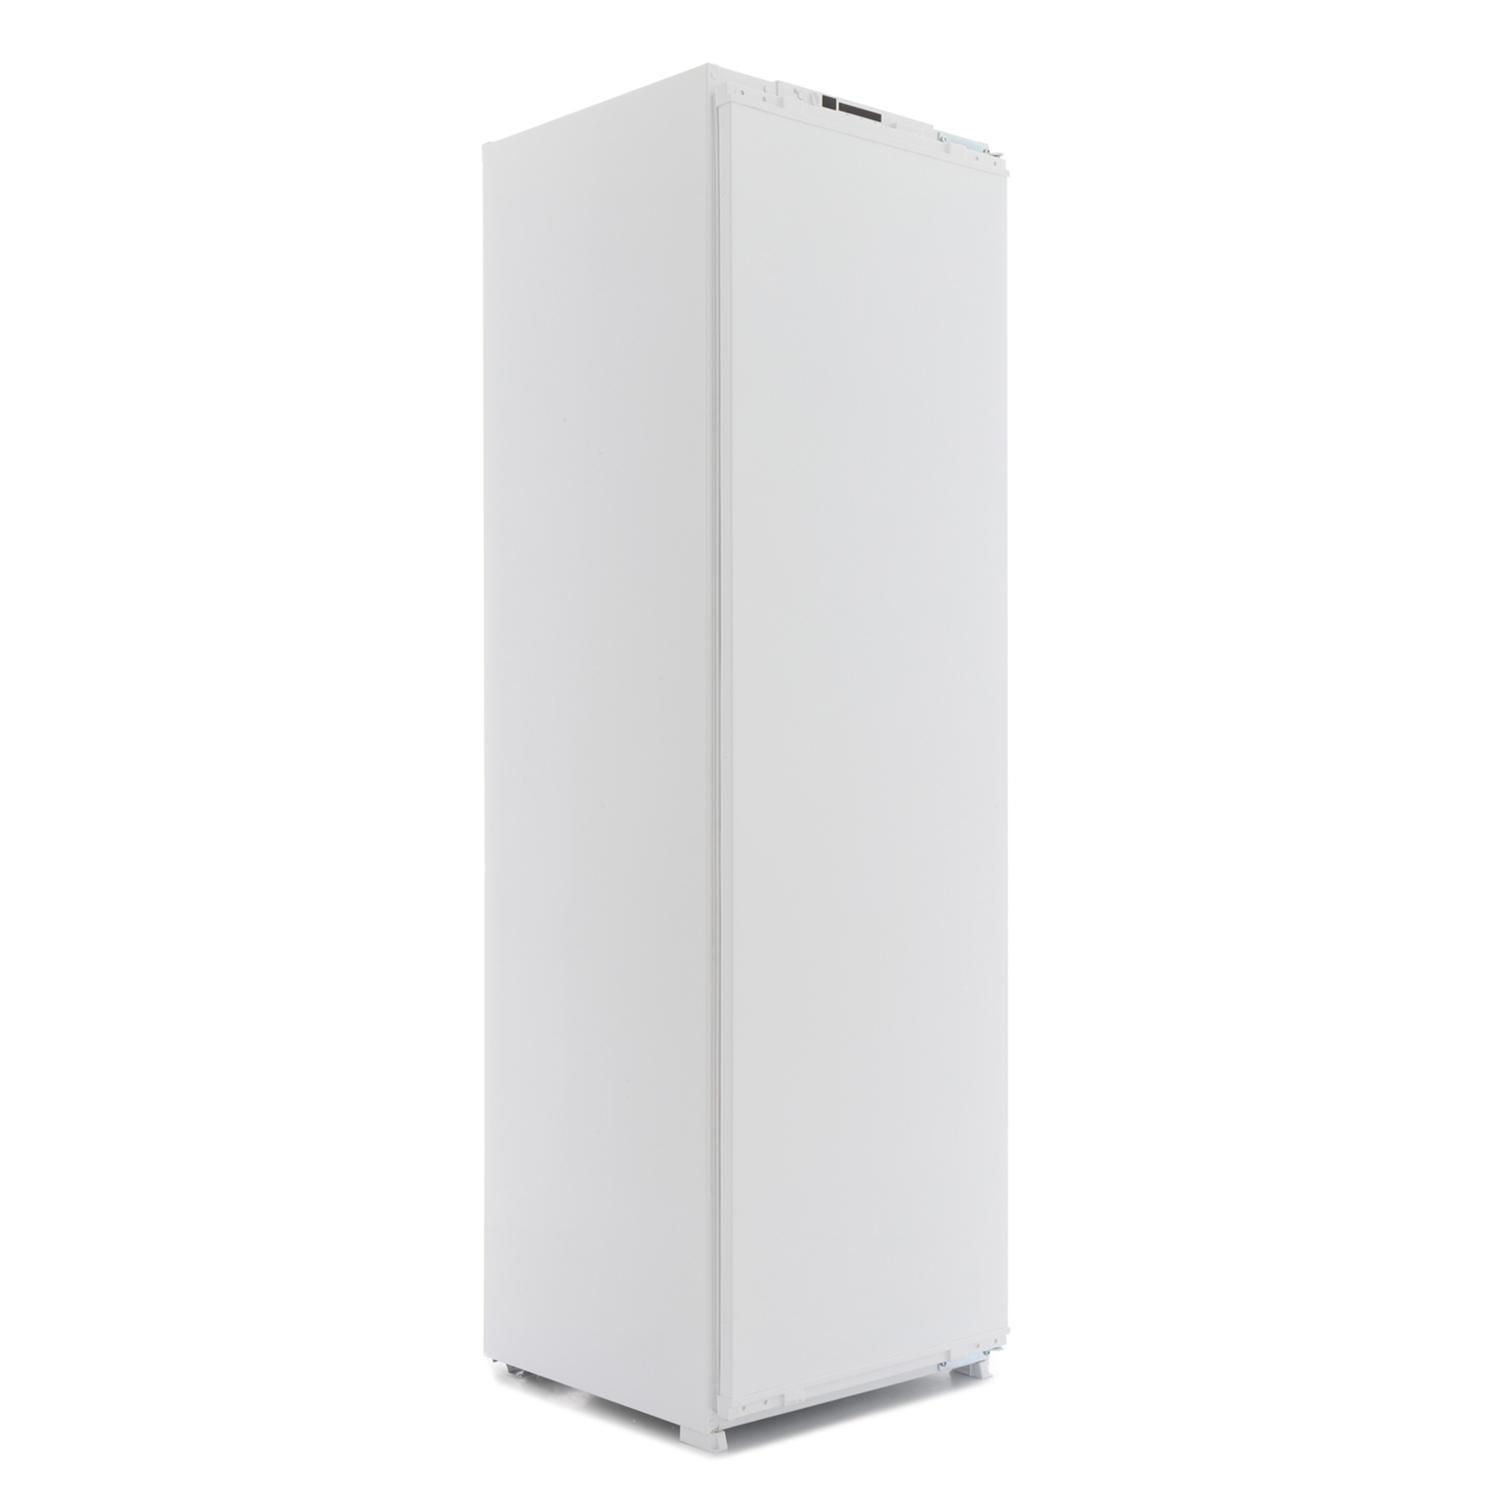 Beko BZ77F Built In Freezer